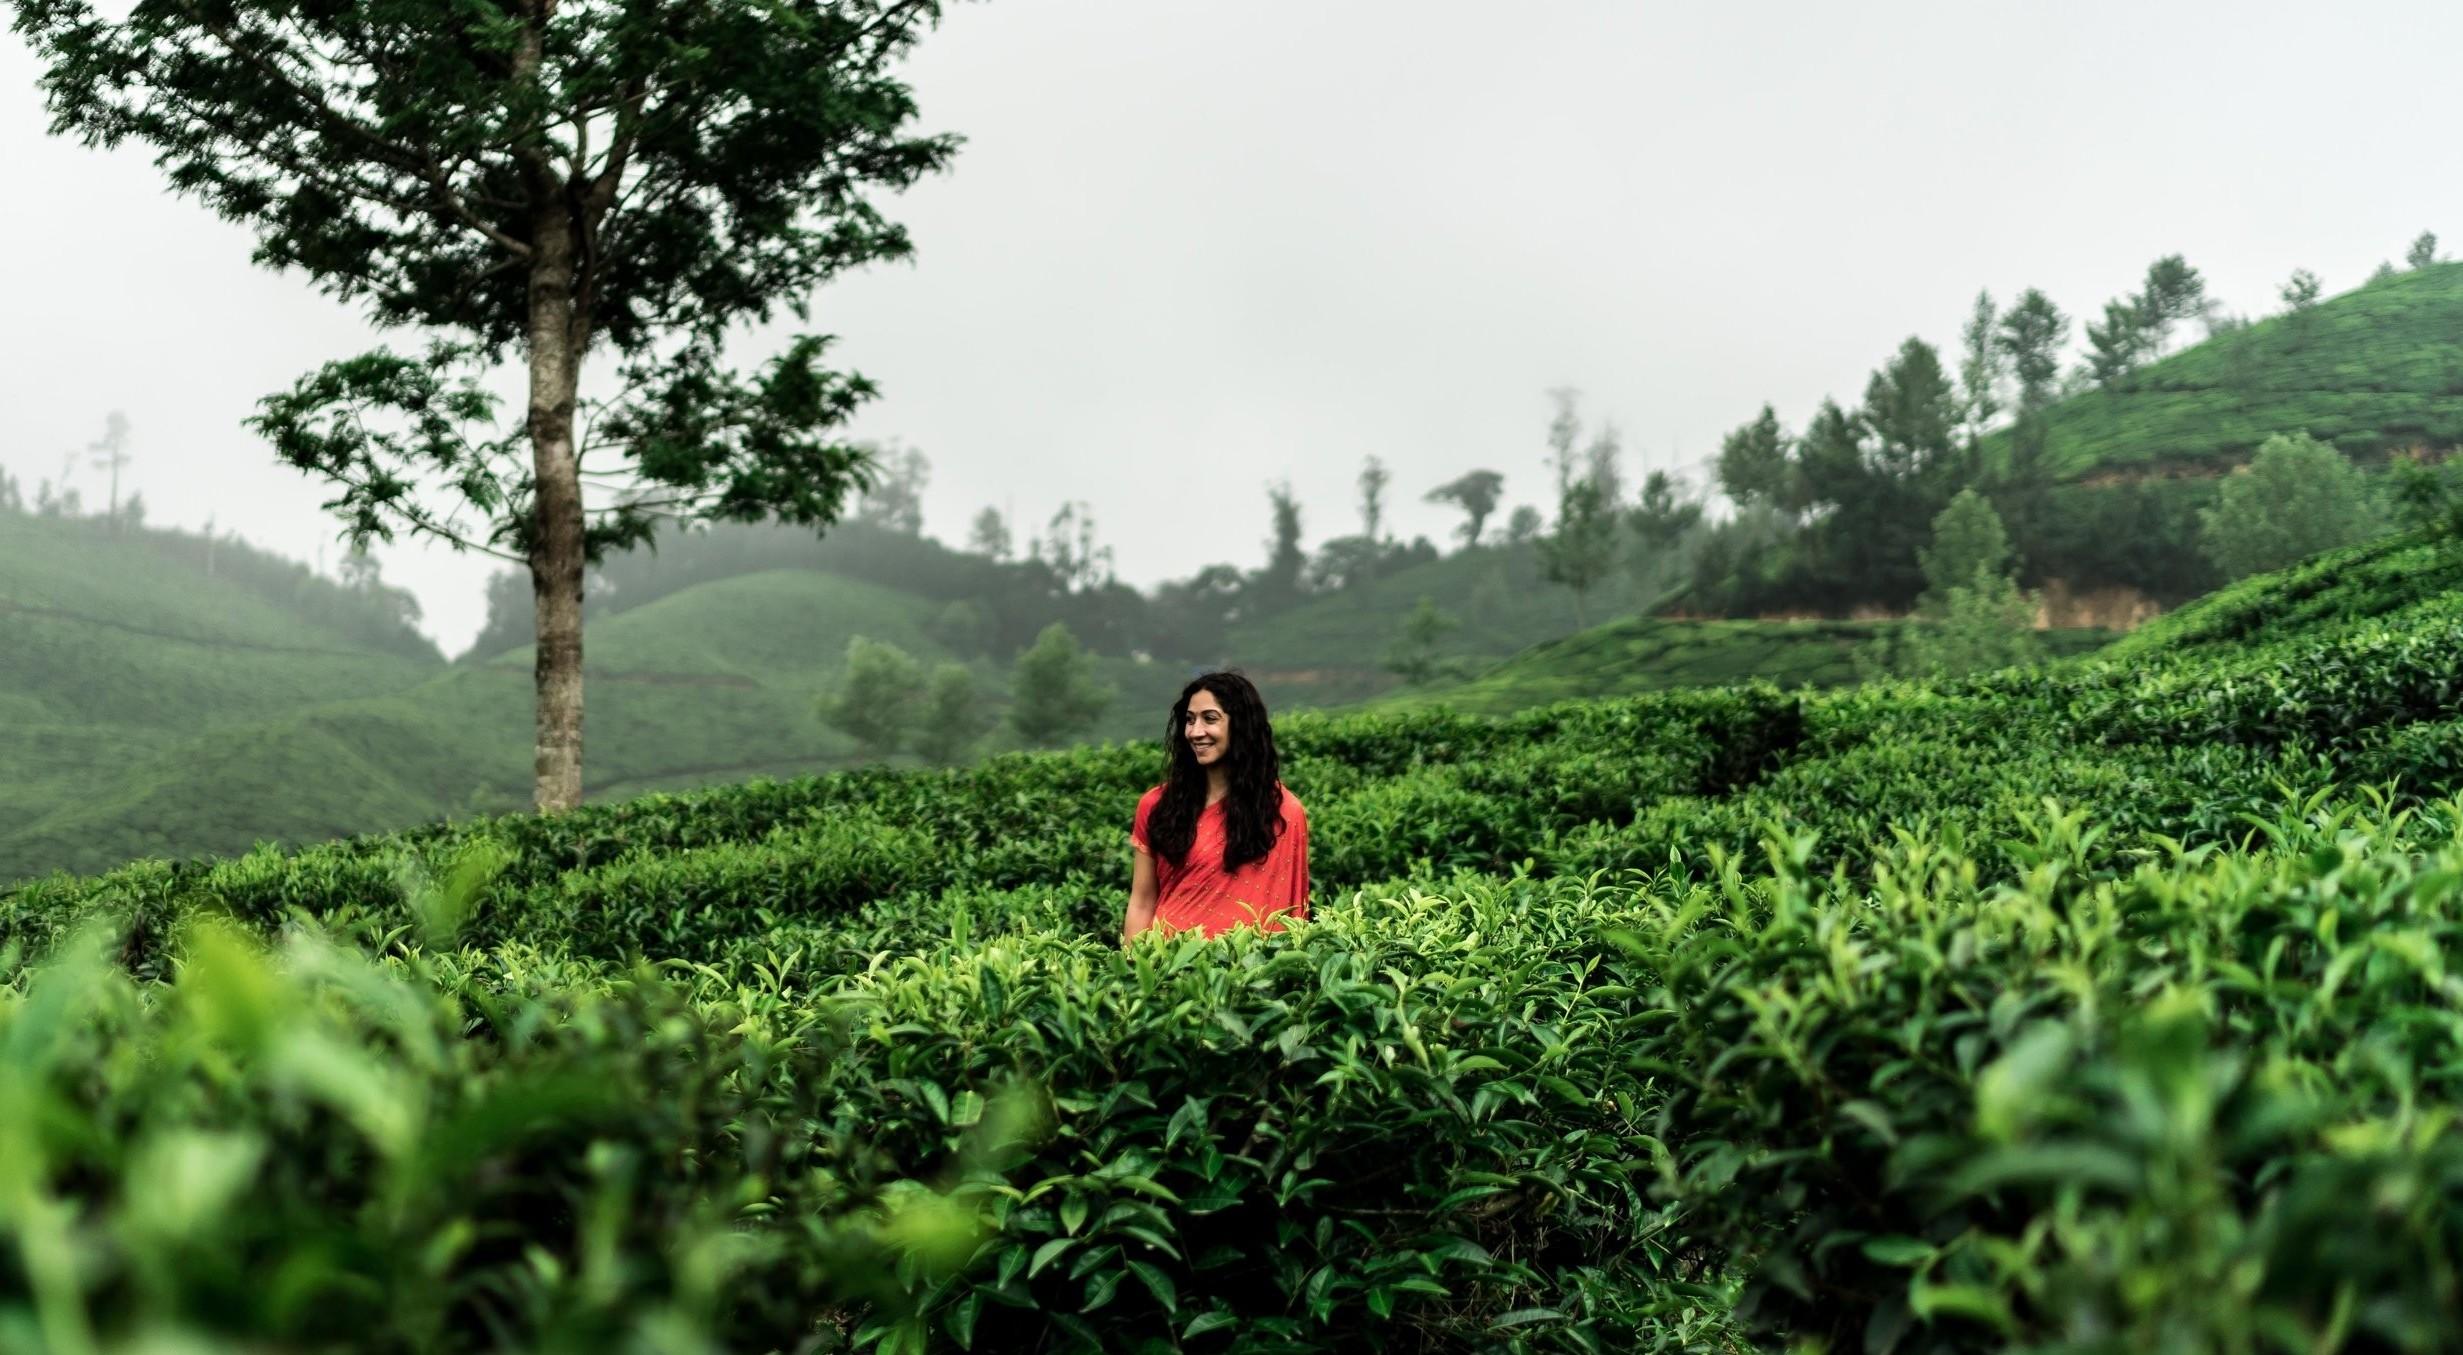 munnar-the-land-of-tea